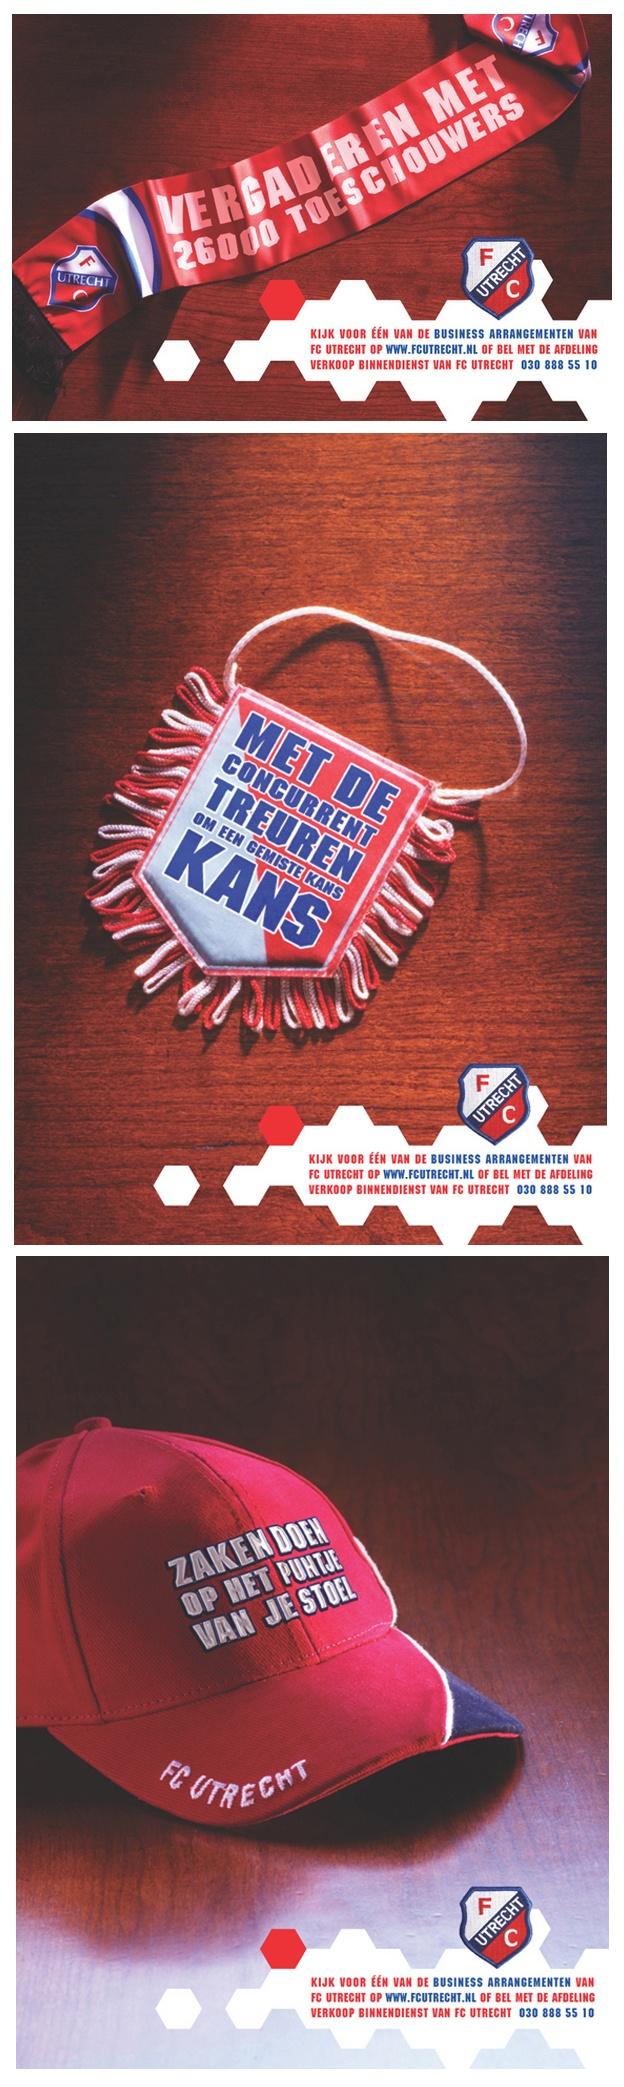 SALESCAMPAIGN FC Utrecht:  Als eeuwige runner-up in een zware competitie heb je -zoals we weten- forse funding nodig om die plek te ontstijgen. Een nieuw stadion helpt daarin. De verkoop van de resterende (en pepedure) business-seats en skyboxen zit alleen even niet mee. Daarom ook een echte b-to-b fancampagne...